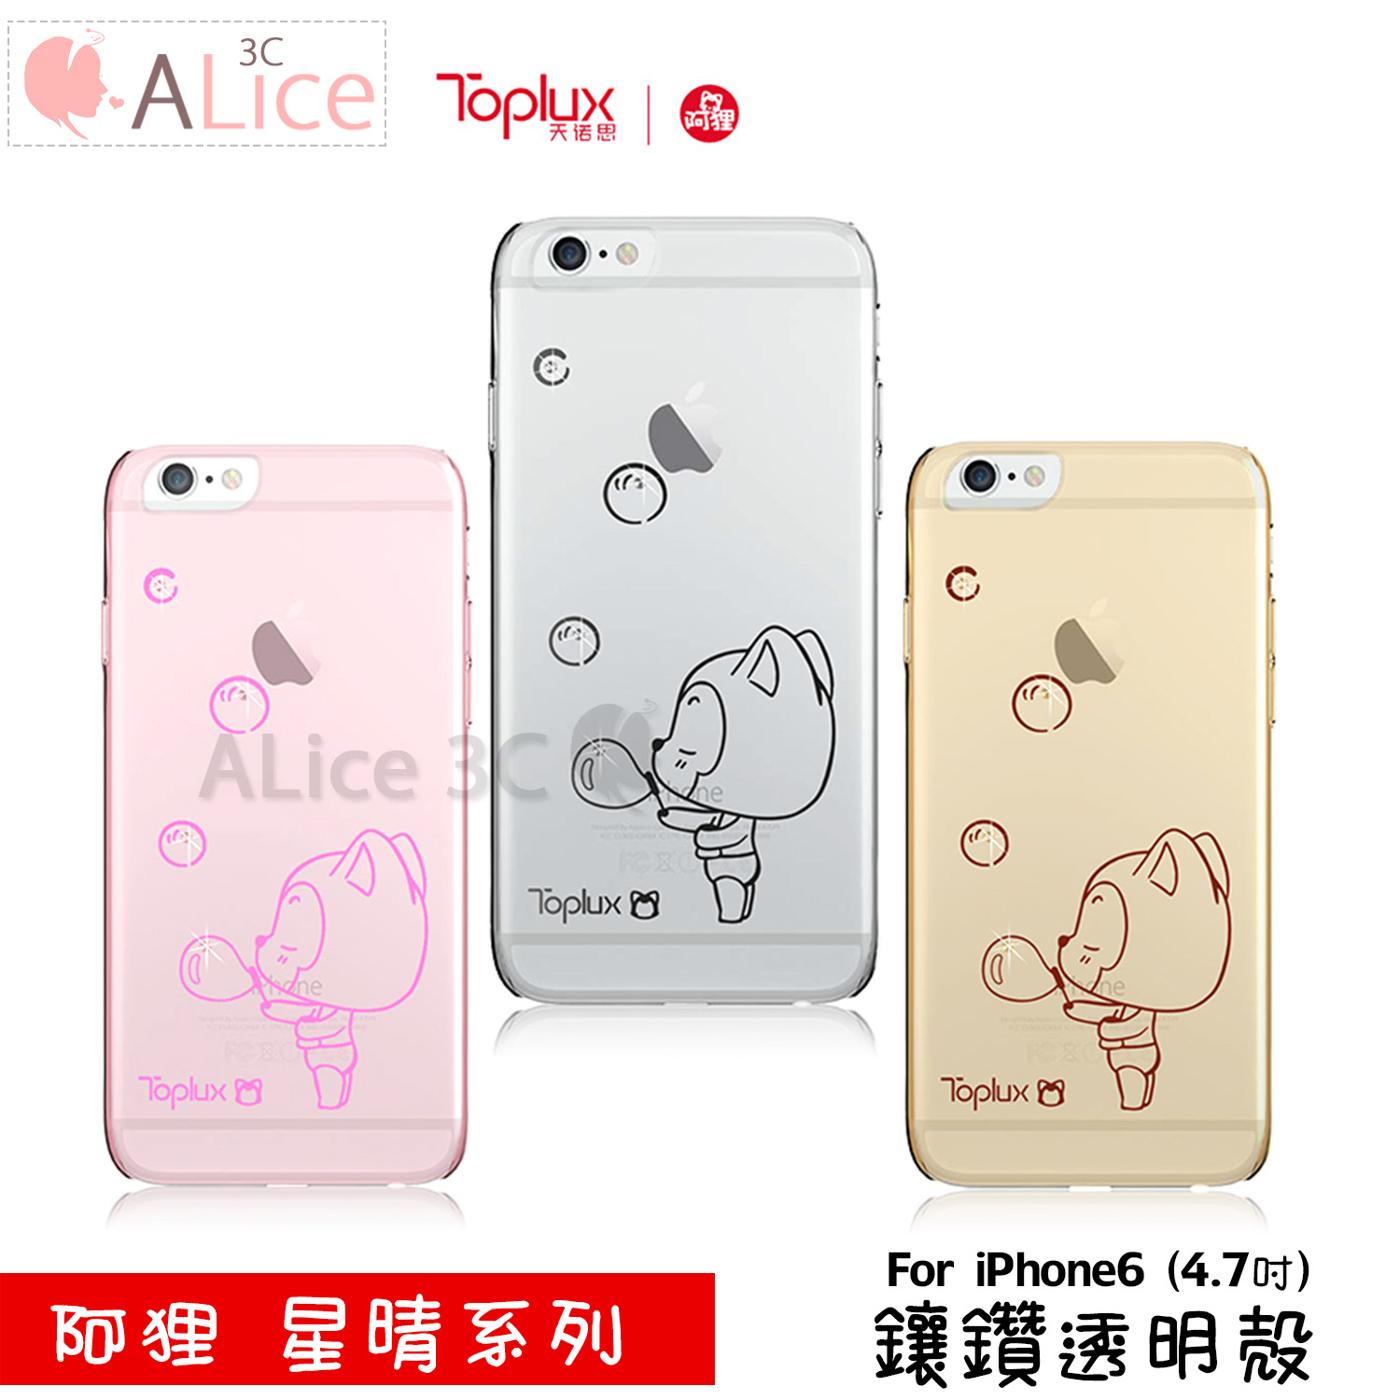 阿狸iPhone 6星晴系列C-I6-035水晶透明殼施華洛世奇水鑽保護殼4.7吋Alice3C